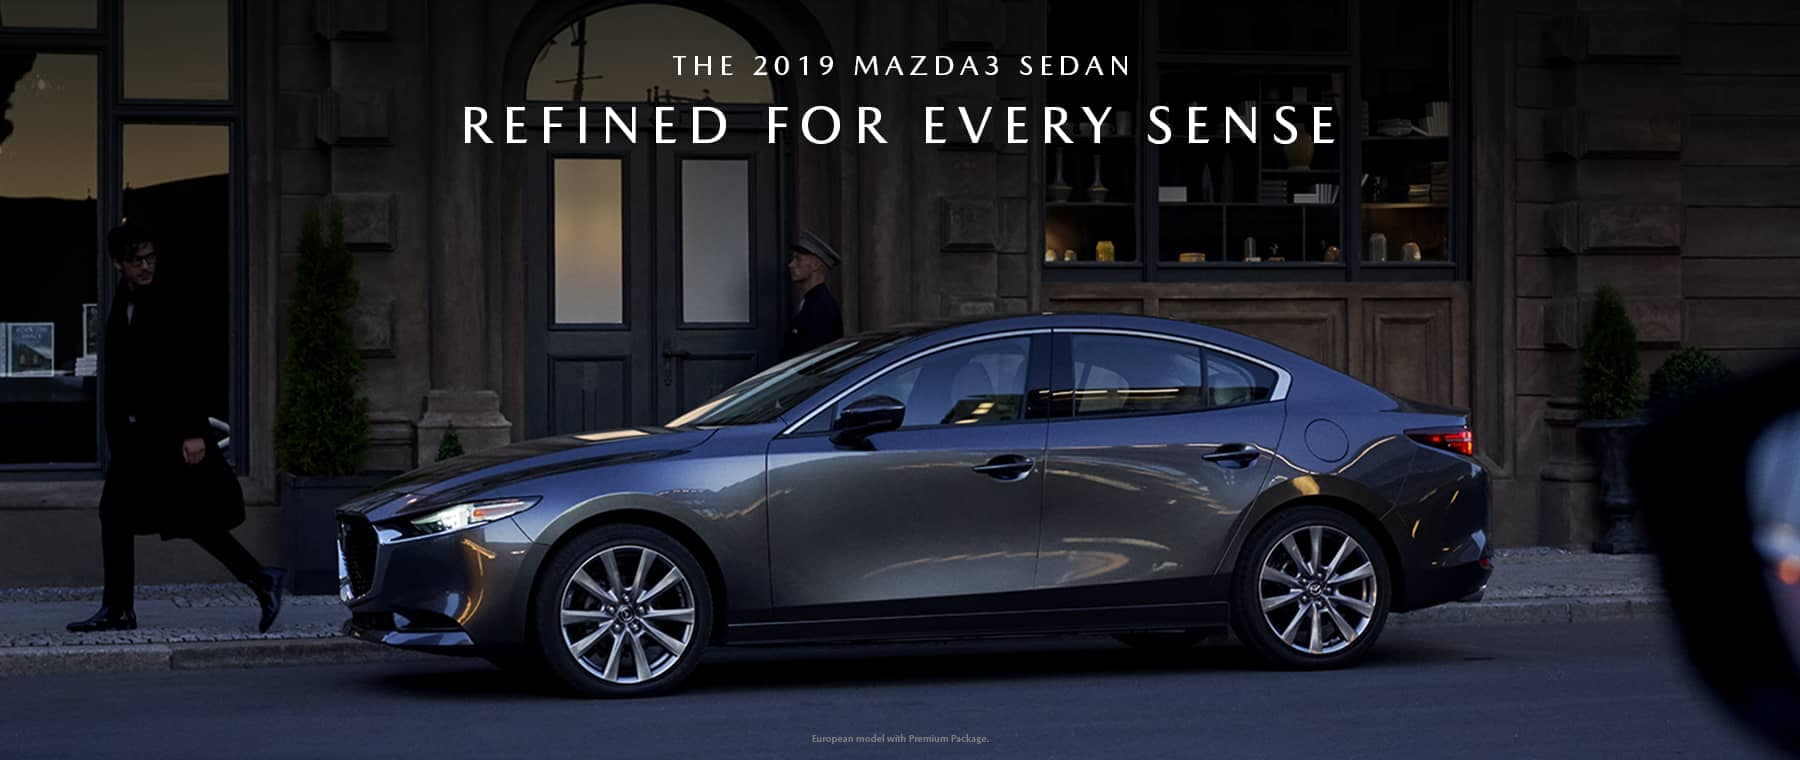 MY19 Mazda3 offer